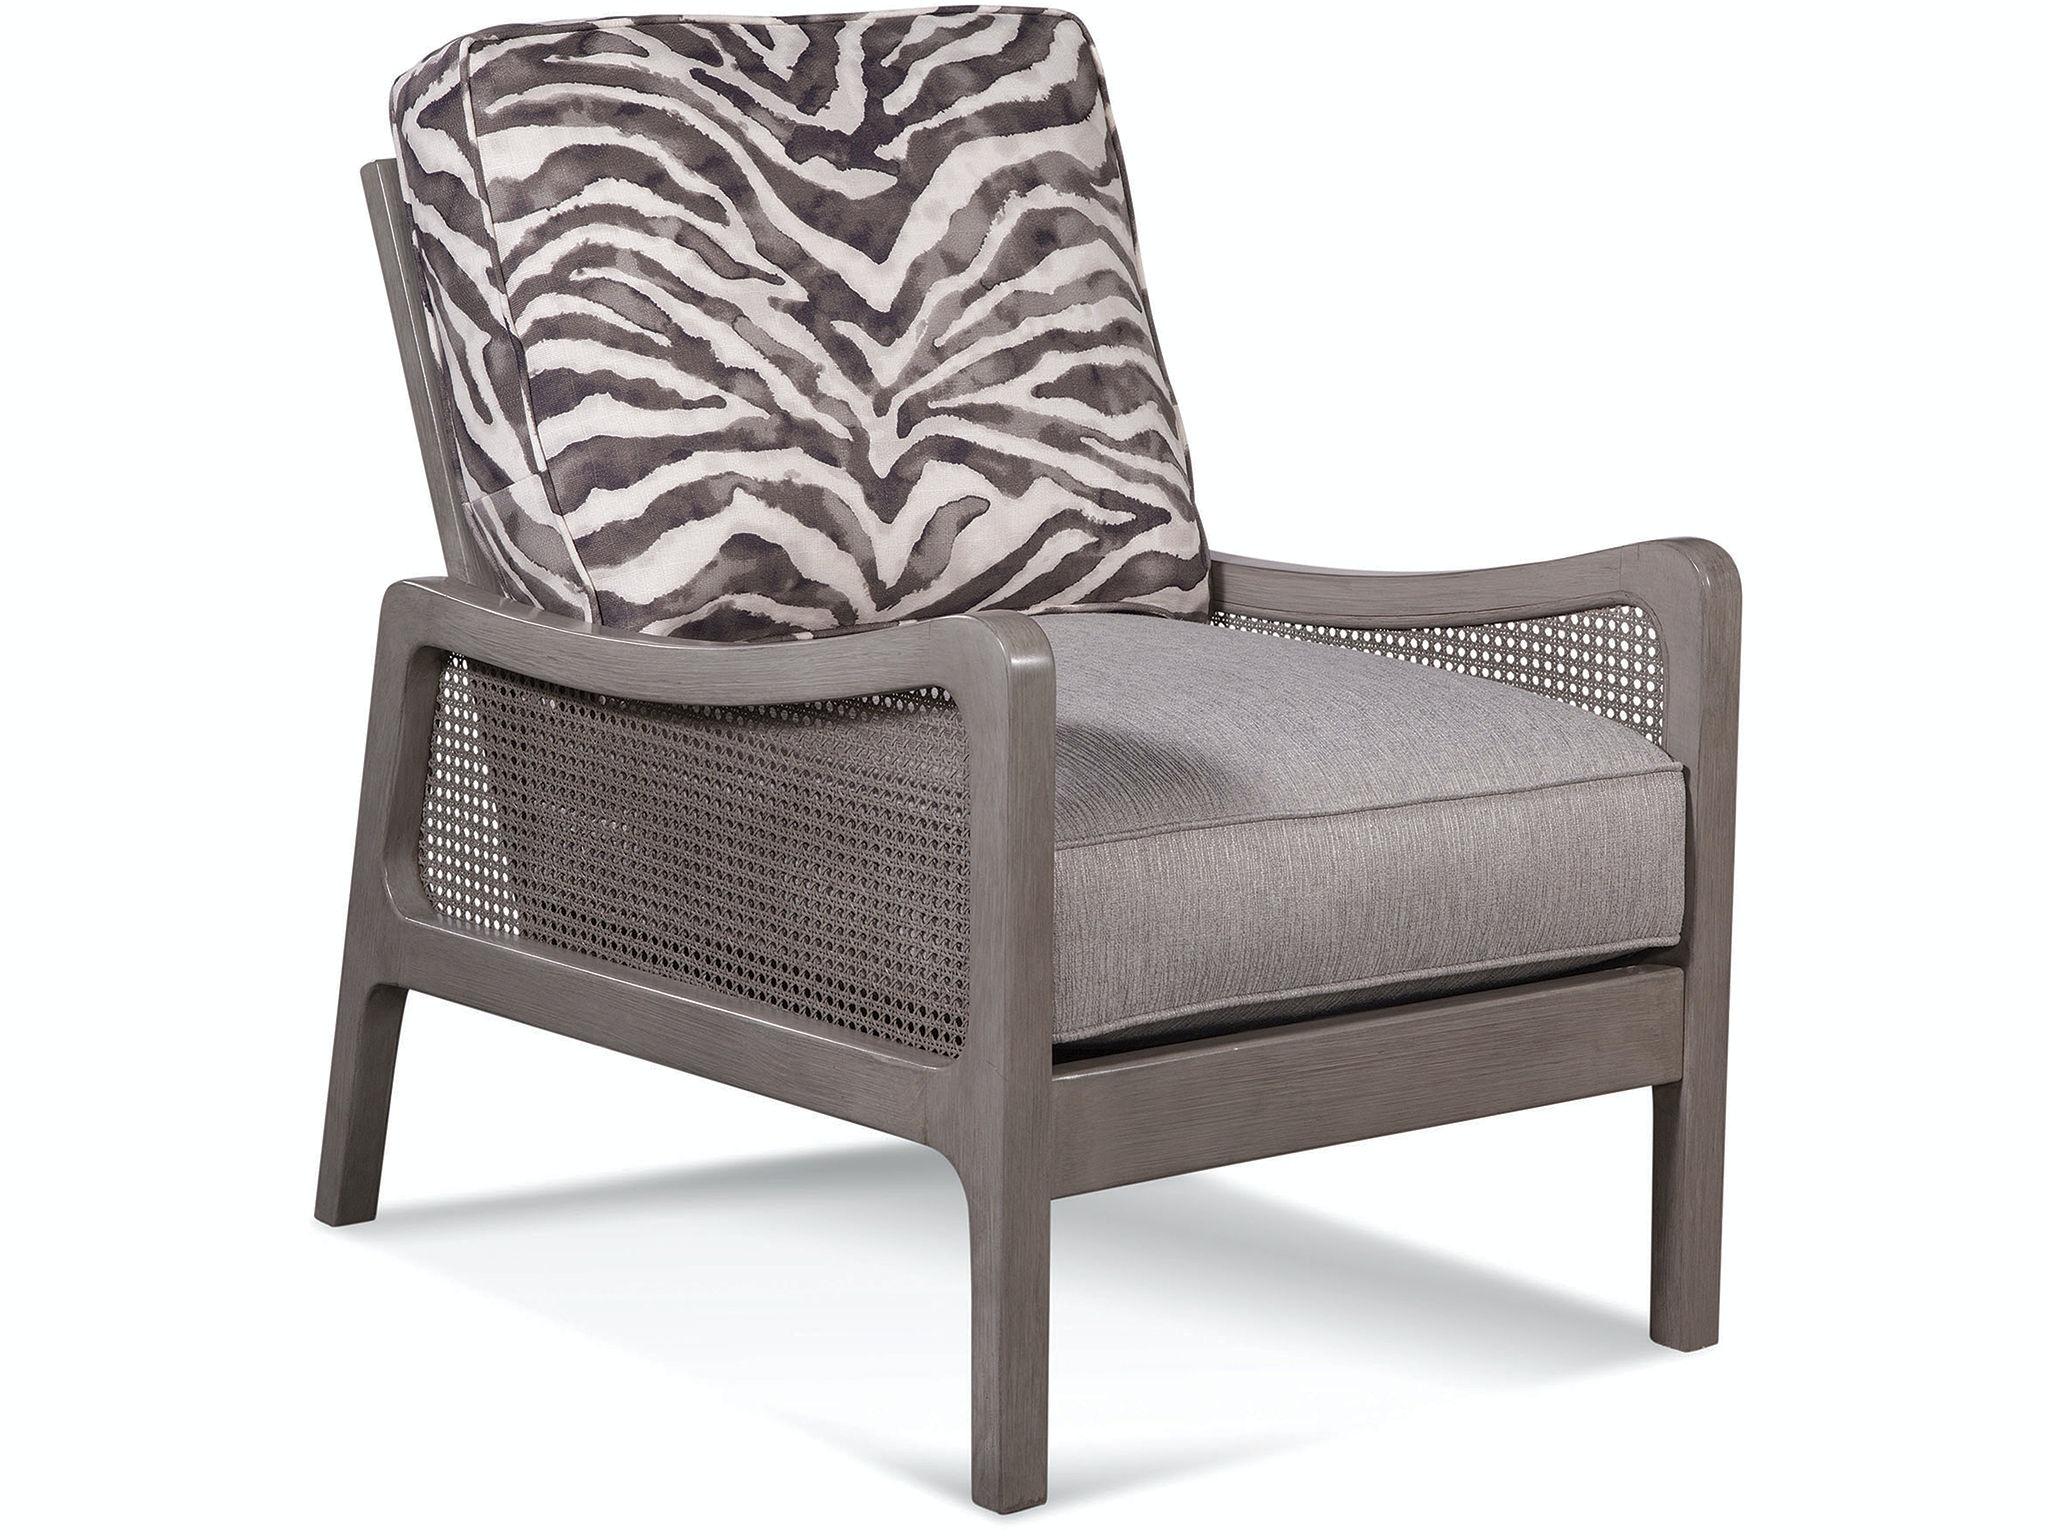 Braxton Culler Carter Chair 1016 001